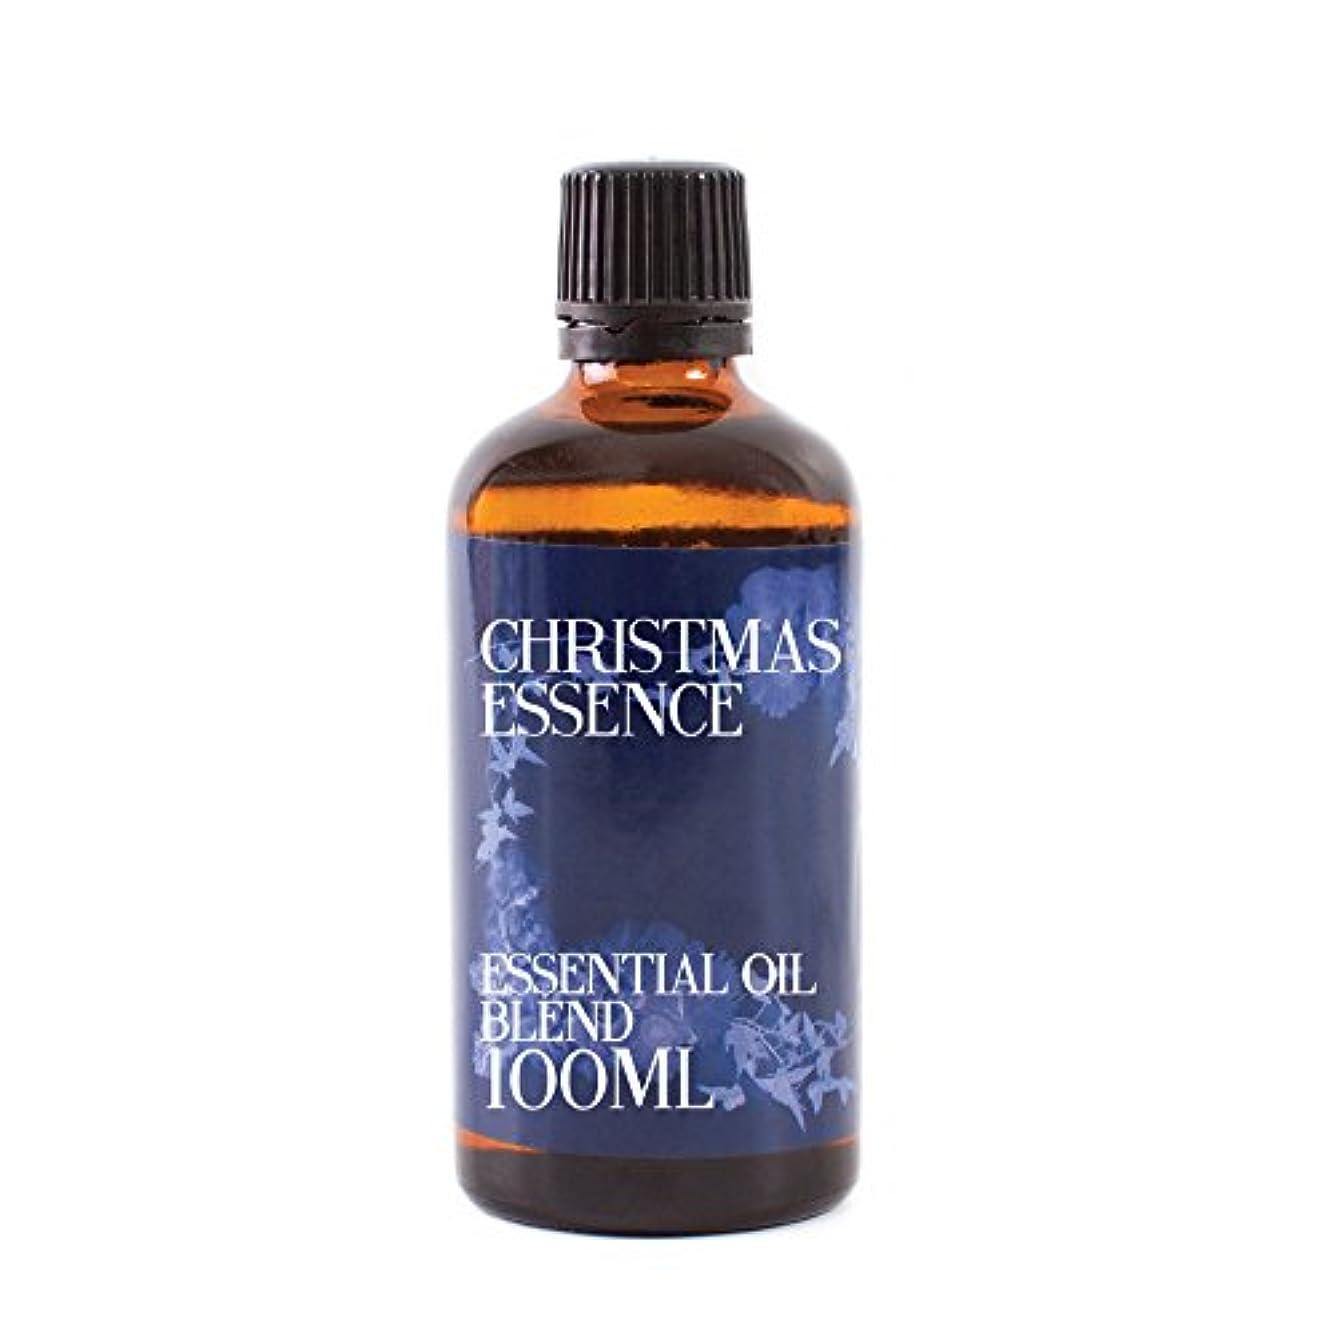 石灰岩マイクアラブサラボMystix London | Christmas Essence Essential Oil Blend - 100ml - 100% Pure